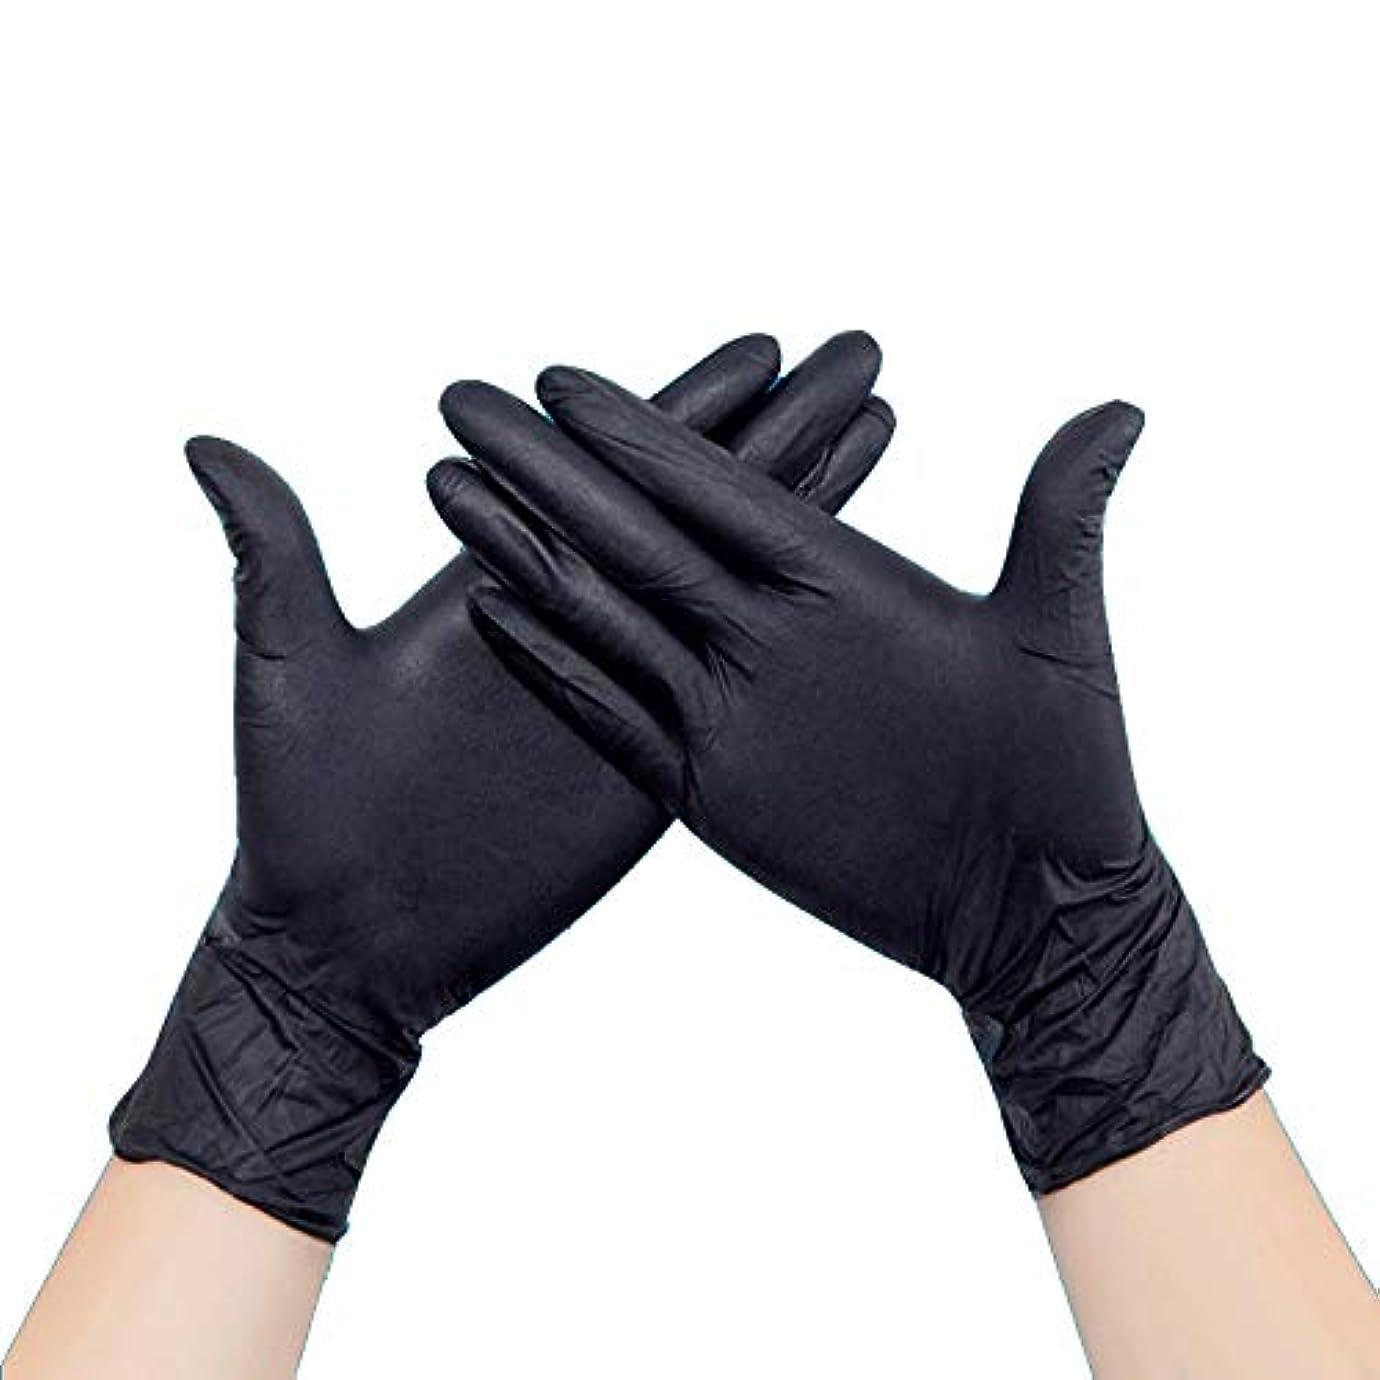 フルート印象的なマルクス主義ニトリル手袋 使い捨て手袋 メカニックグローブ 50枚入 家庭、クリーニング、実験室、ネイルアート ブラック 帯電防止手袋 左右兼用